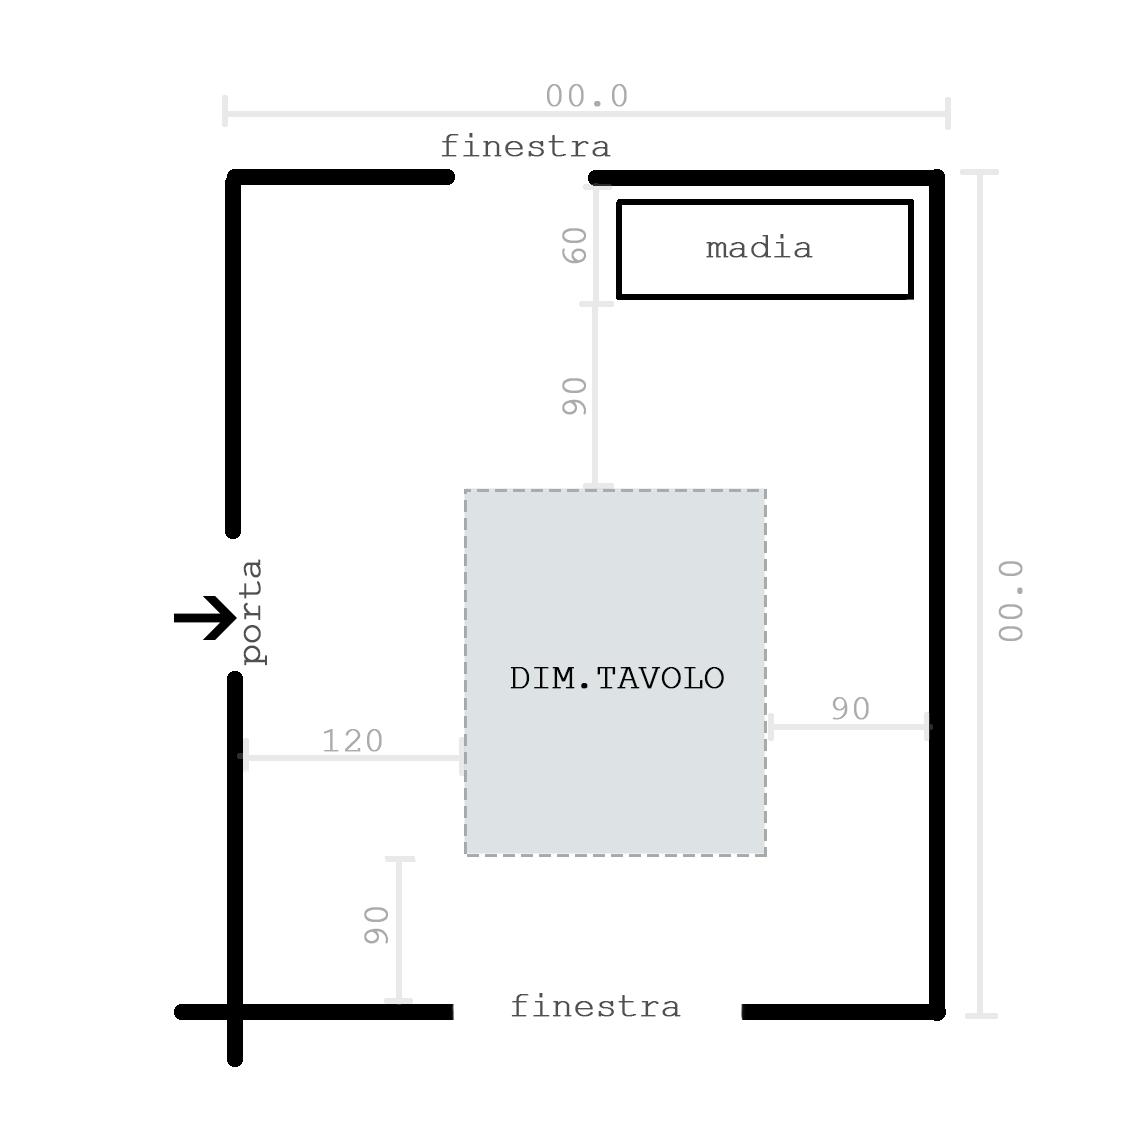 LEZIONE DI DESIGN Le Dimensioni Del Tavolo Da Pranzo #5A7171 1134 1134 Dimensioni Tavolo Da Pranzo Per 10 Persone